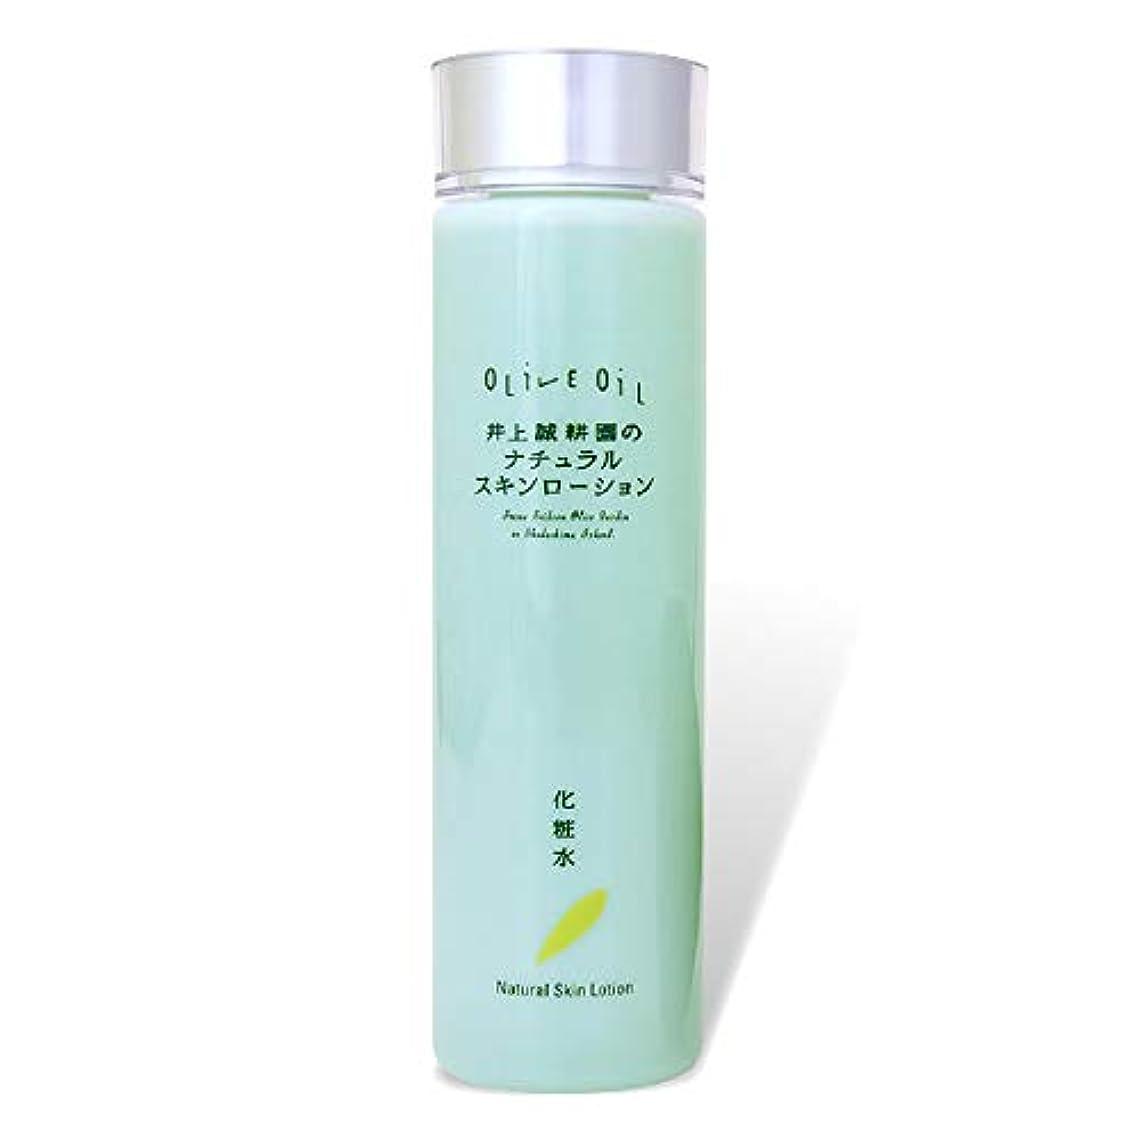 井上誠耕園 オリーブ化粧水(ナチュラルスキンローション)150mL ×2本